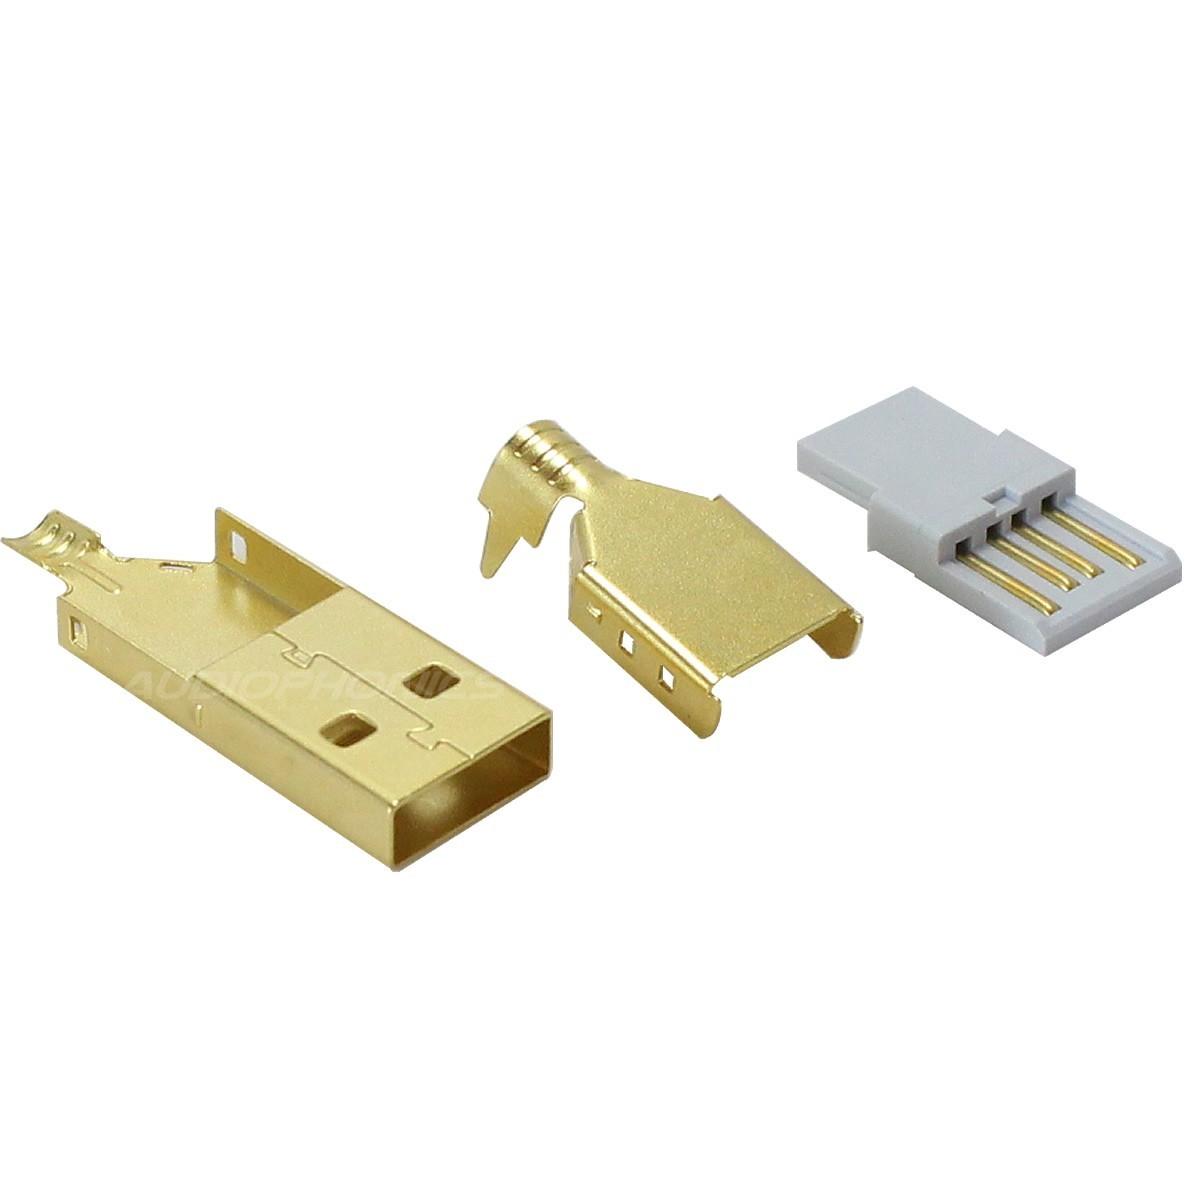 Connecteur USB mâle Type A DIY Plaqué Or 3µ